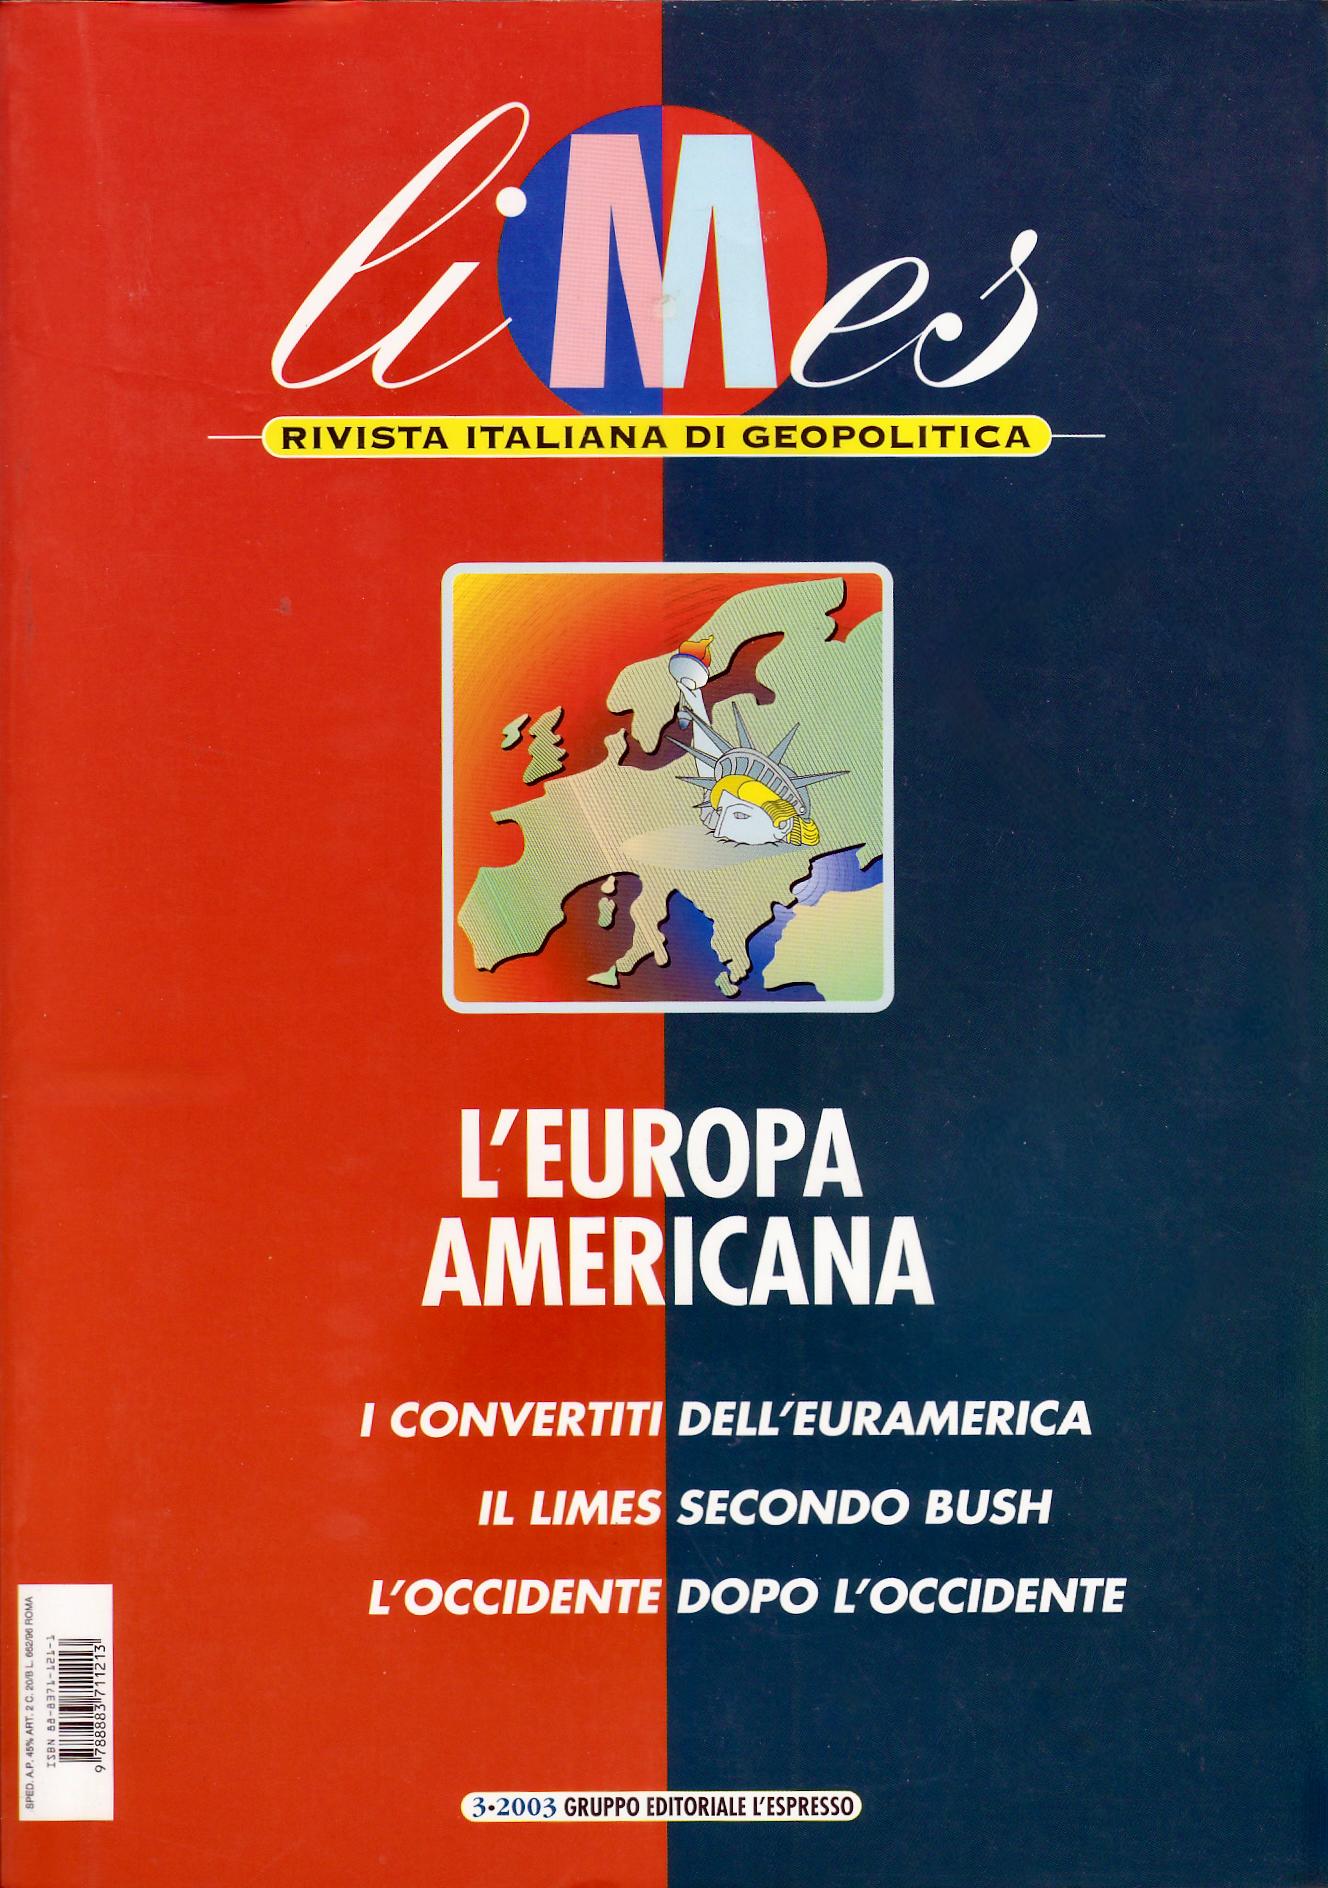 Limes - Rivista italiana di geopolitica - n.3/2003